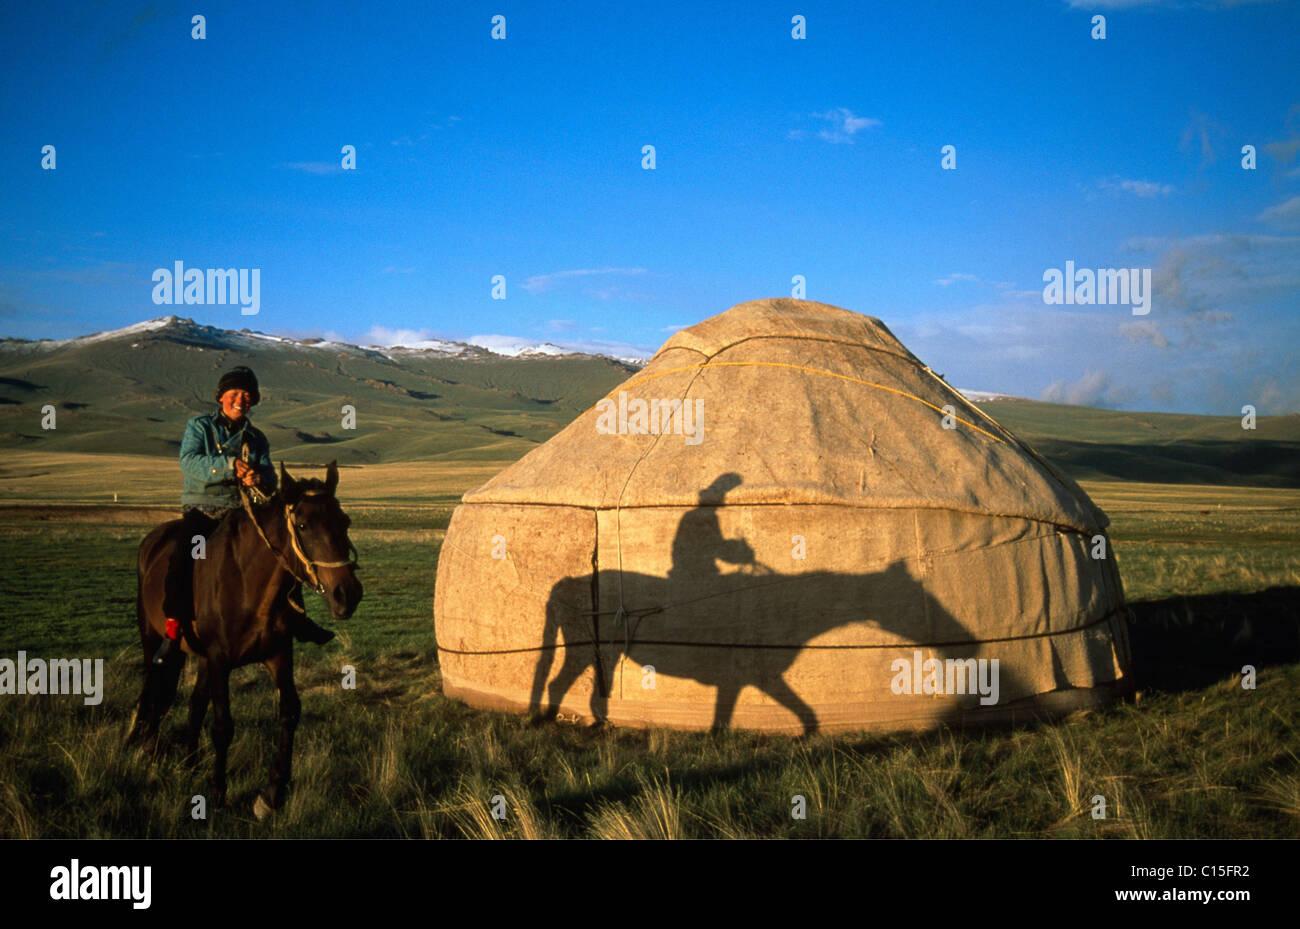 Cavalo e o cavaleiro na frente de um yurt, Moldo-Too Serra, Song-Kul, Quirguizistão, Ásia Central Imagens de Stock